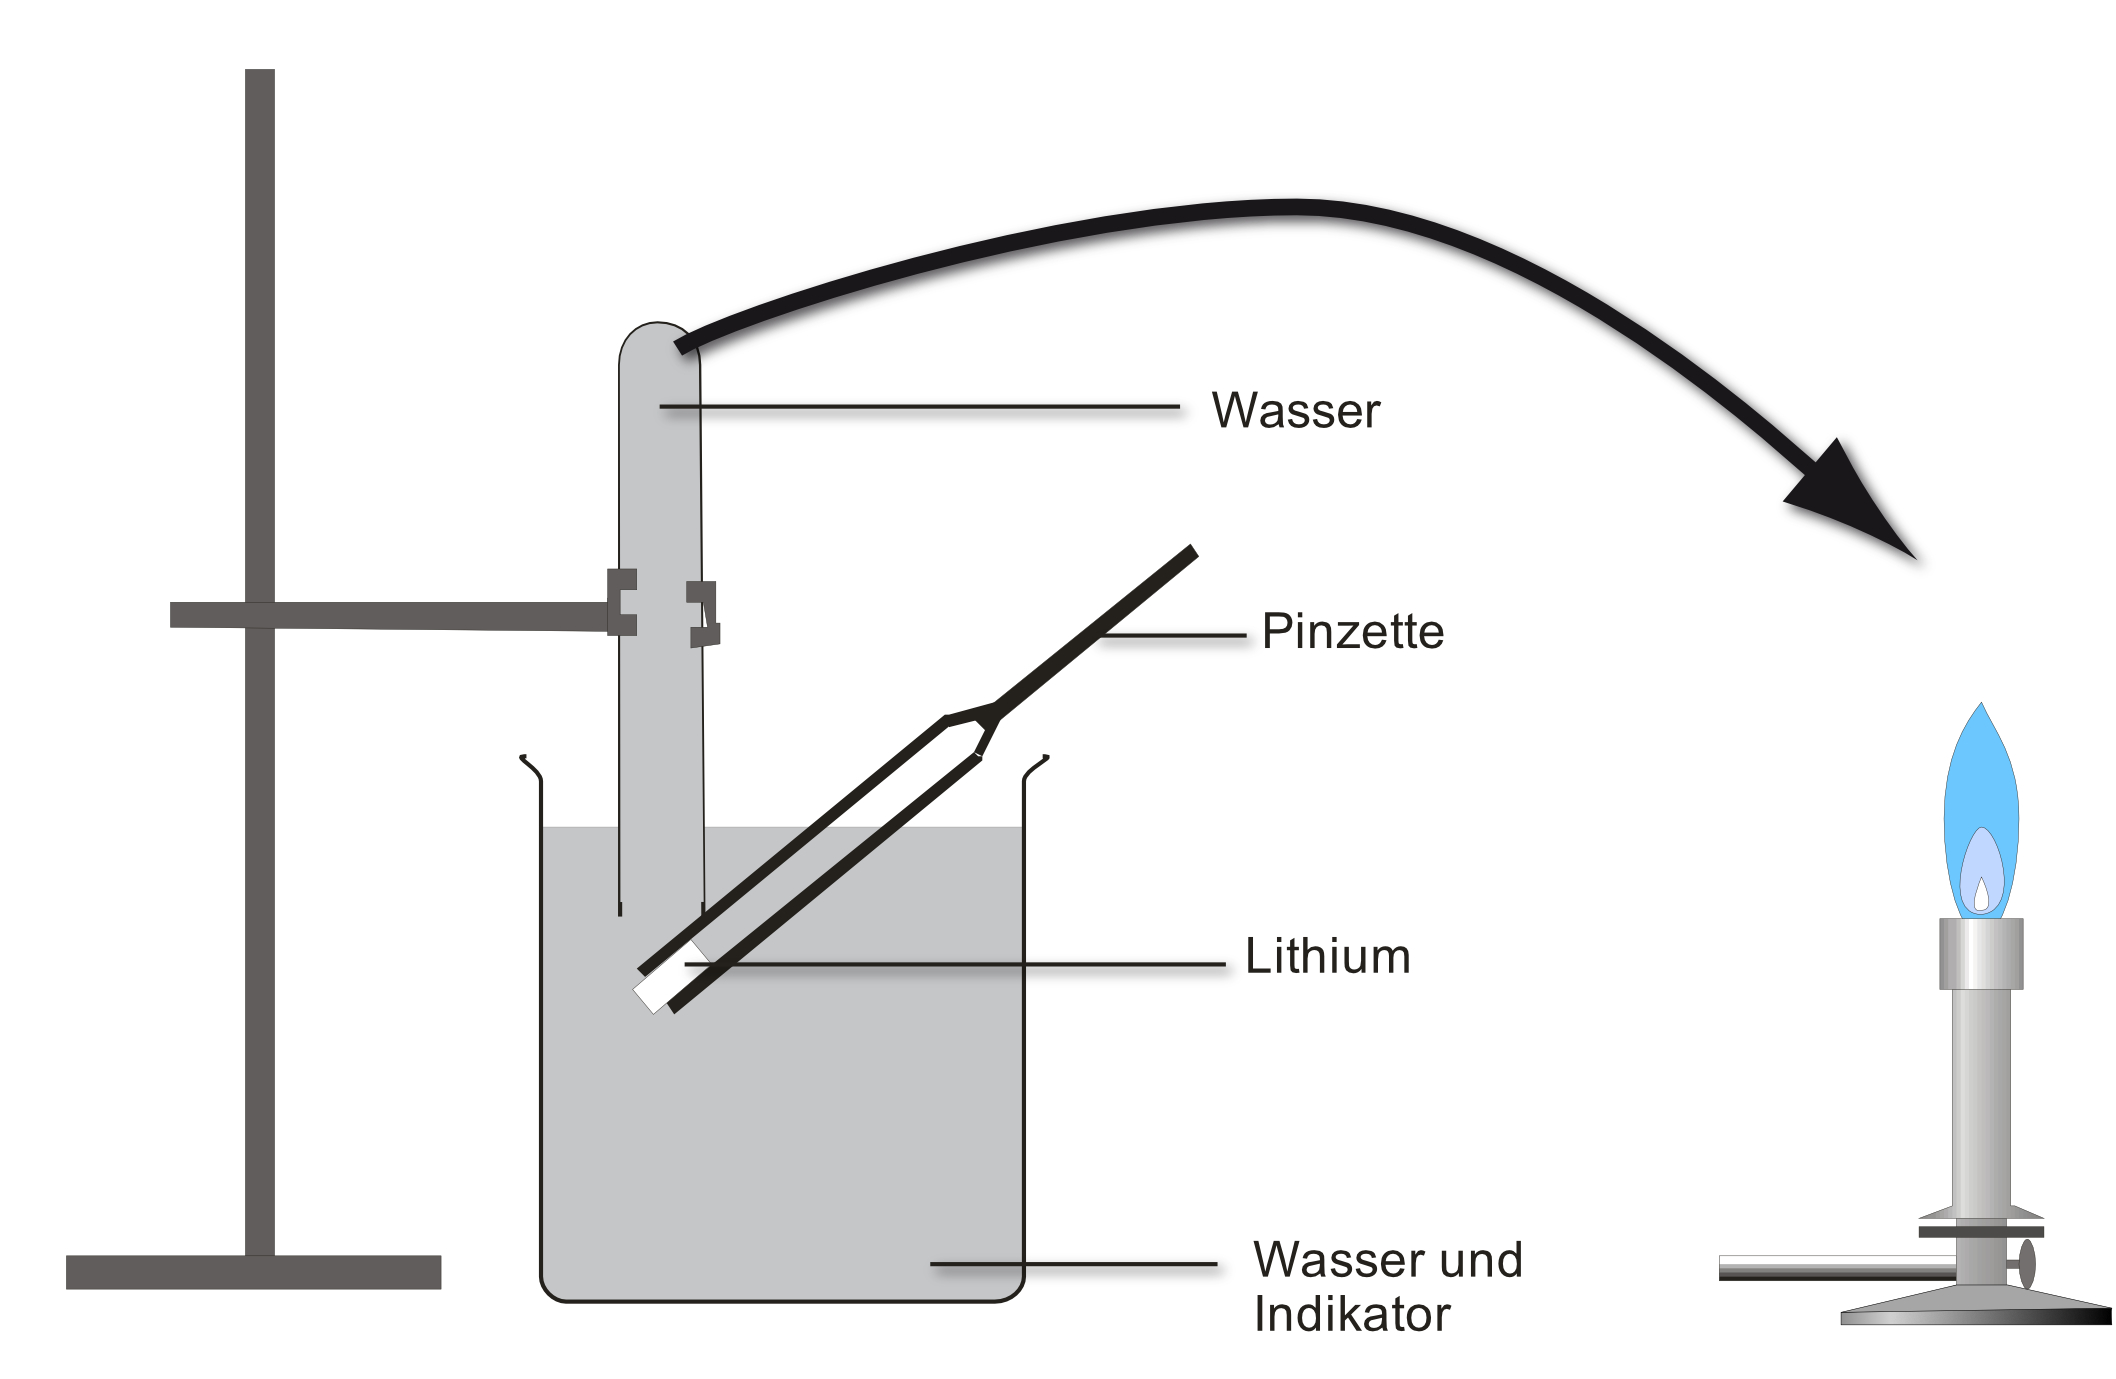 514 Versuch Ethanol Reagiert Mit Alkalimetall